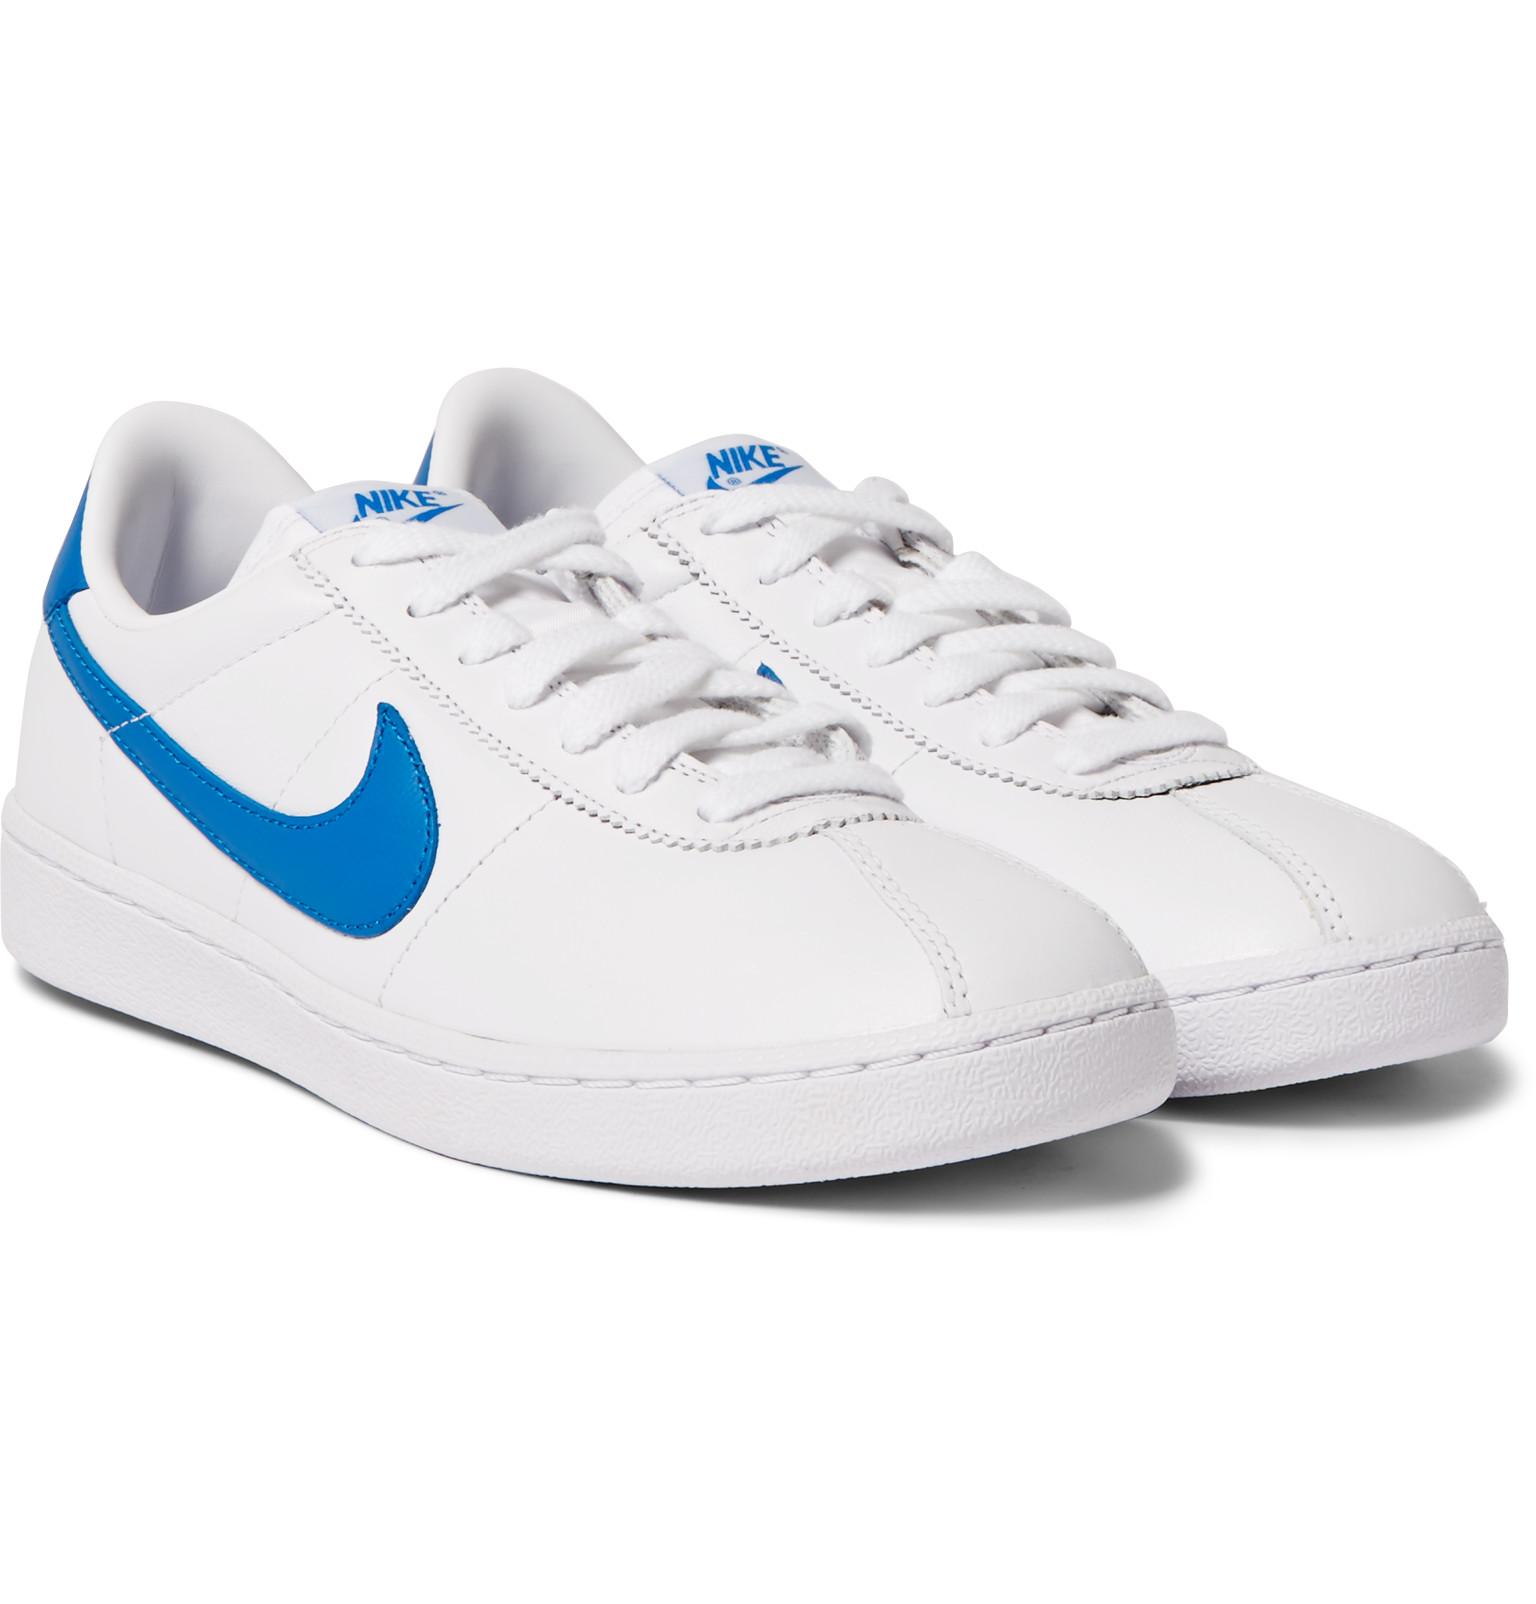 Remo Destierro Amigo por correspondencia  Very Goods   Nike - Bruin QS Leather Sneakers